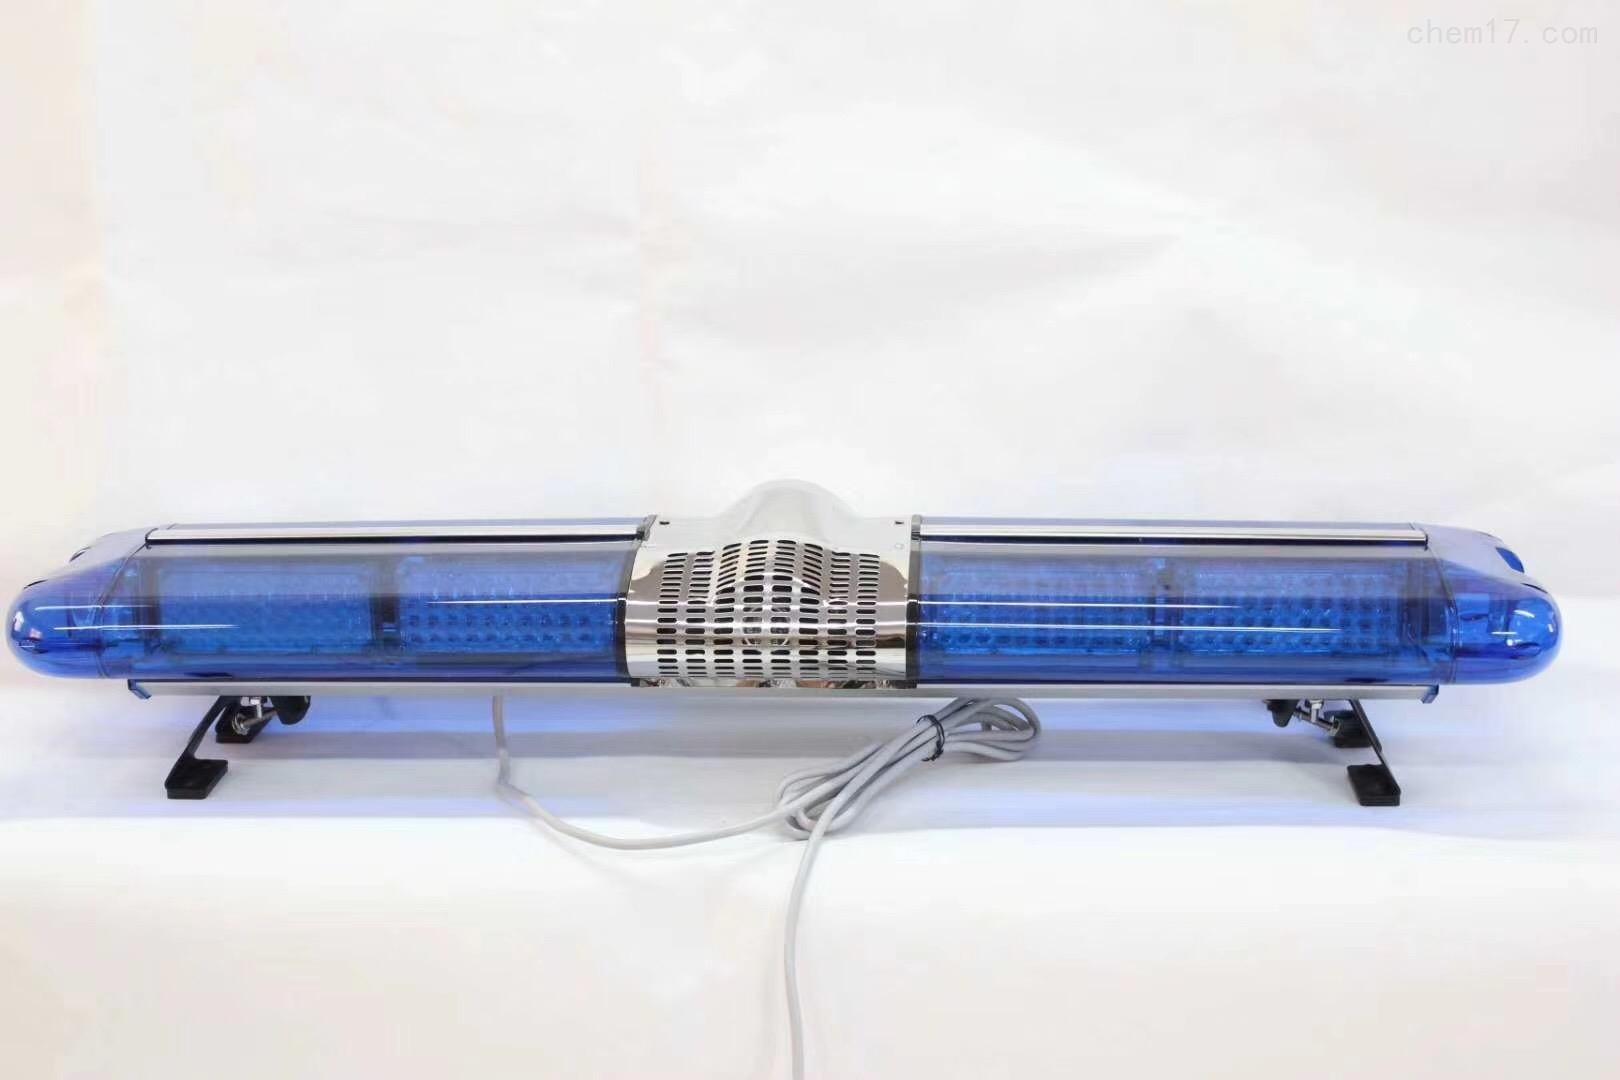 警灯警报器维修 红蓝爆闪喊话器长排灯24V